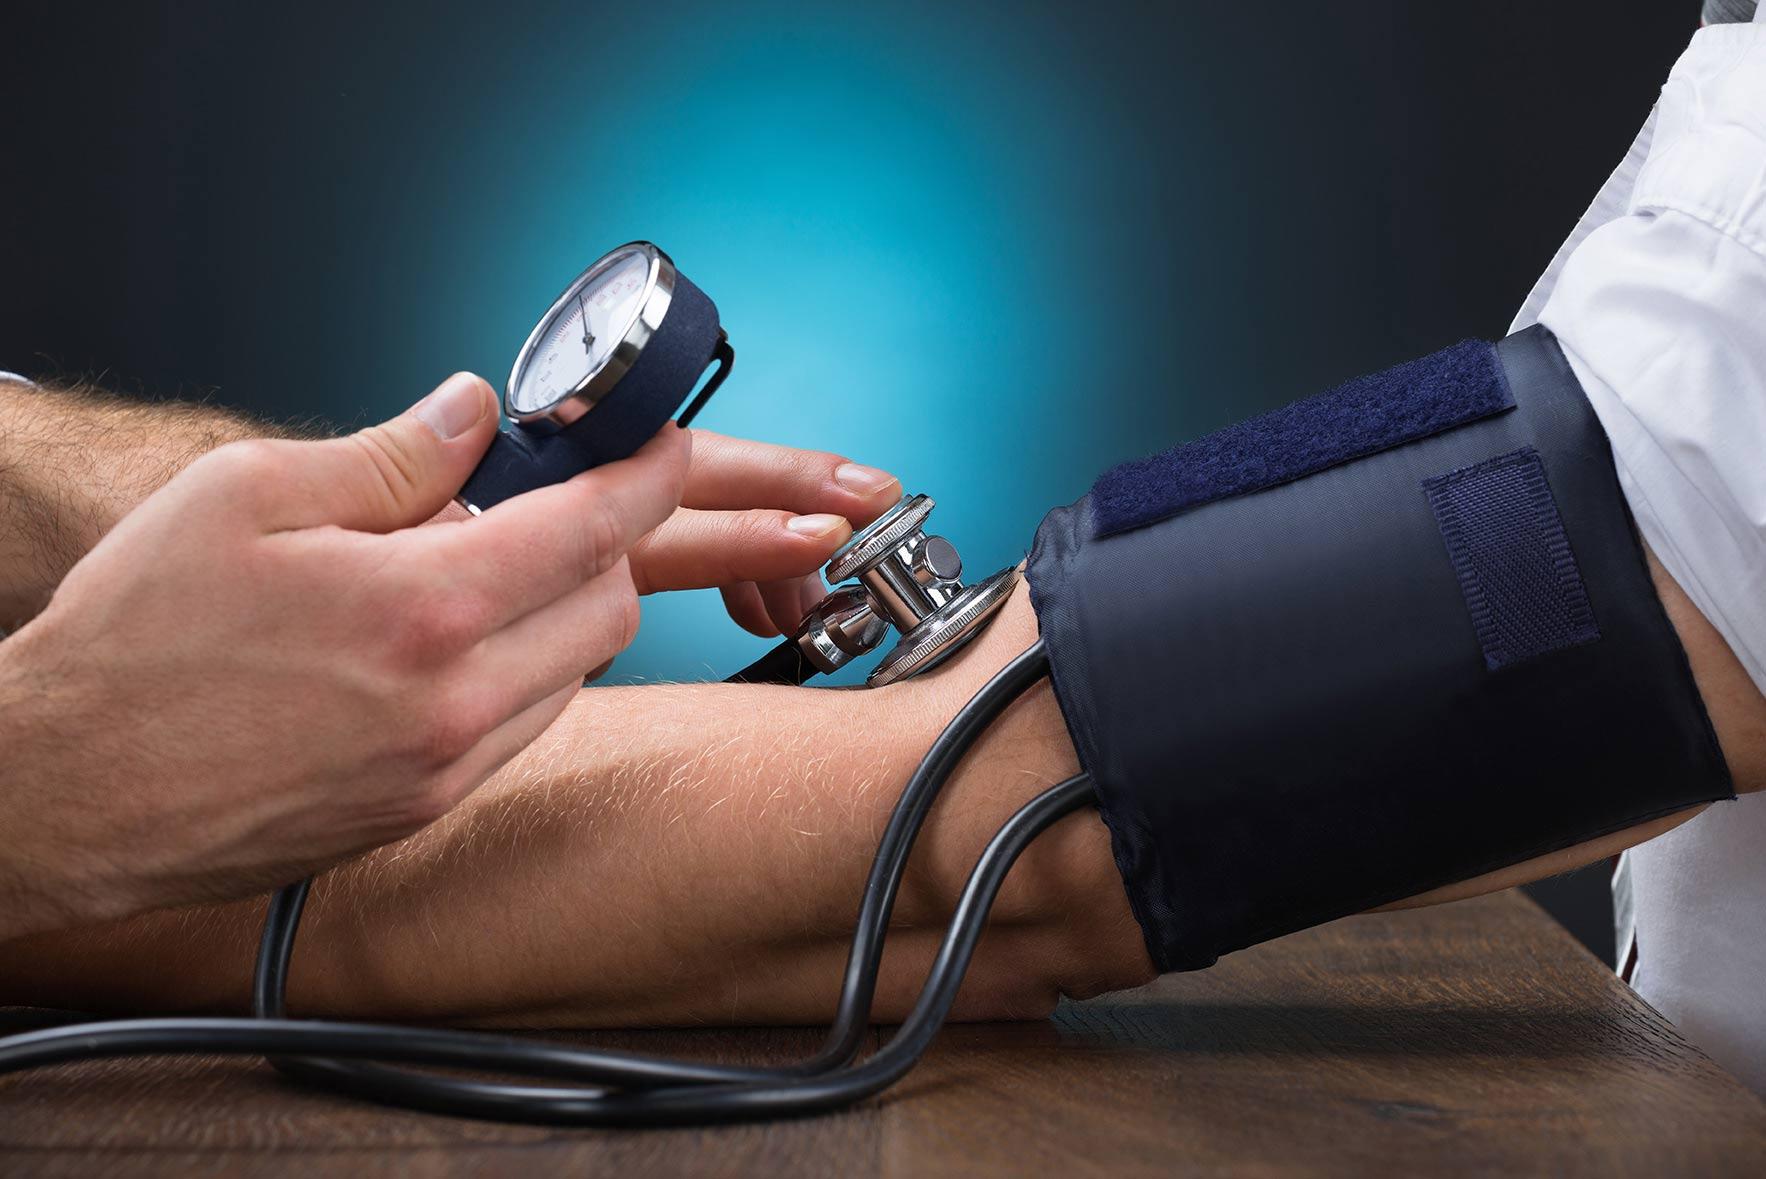 éljen egészségesen a magas vérnyomásról videó a chaga alkalmazása magas vérnyomás esetén